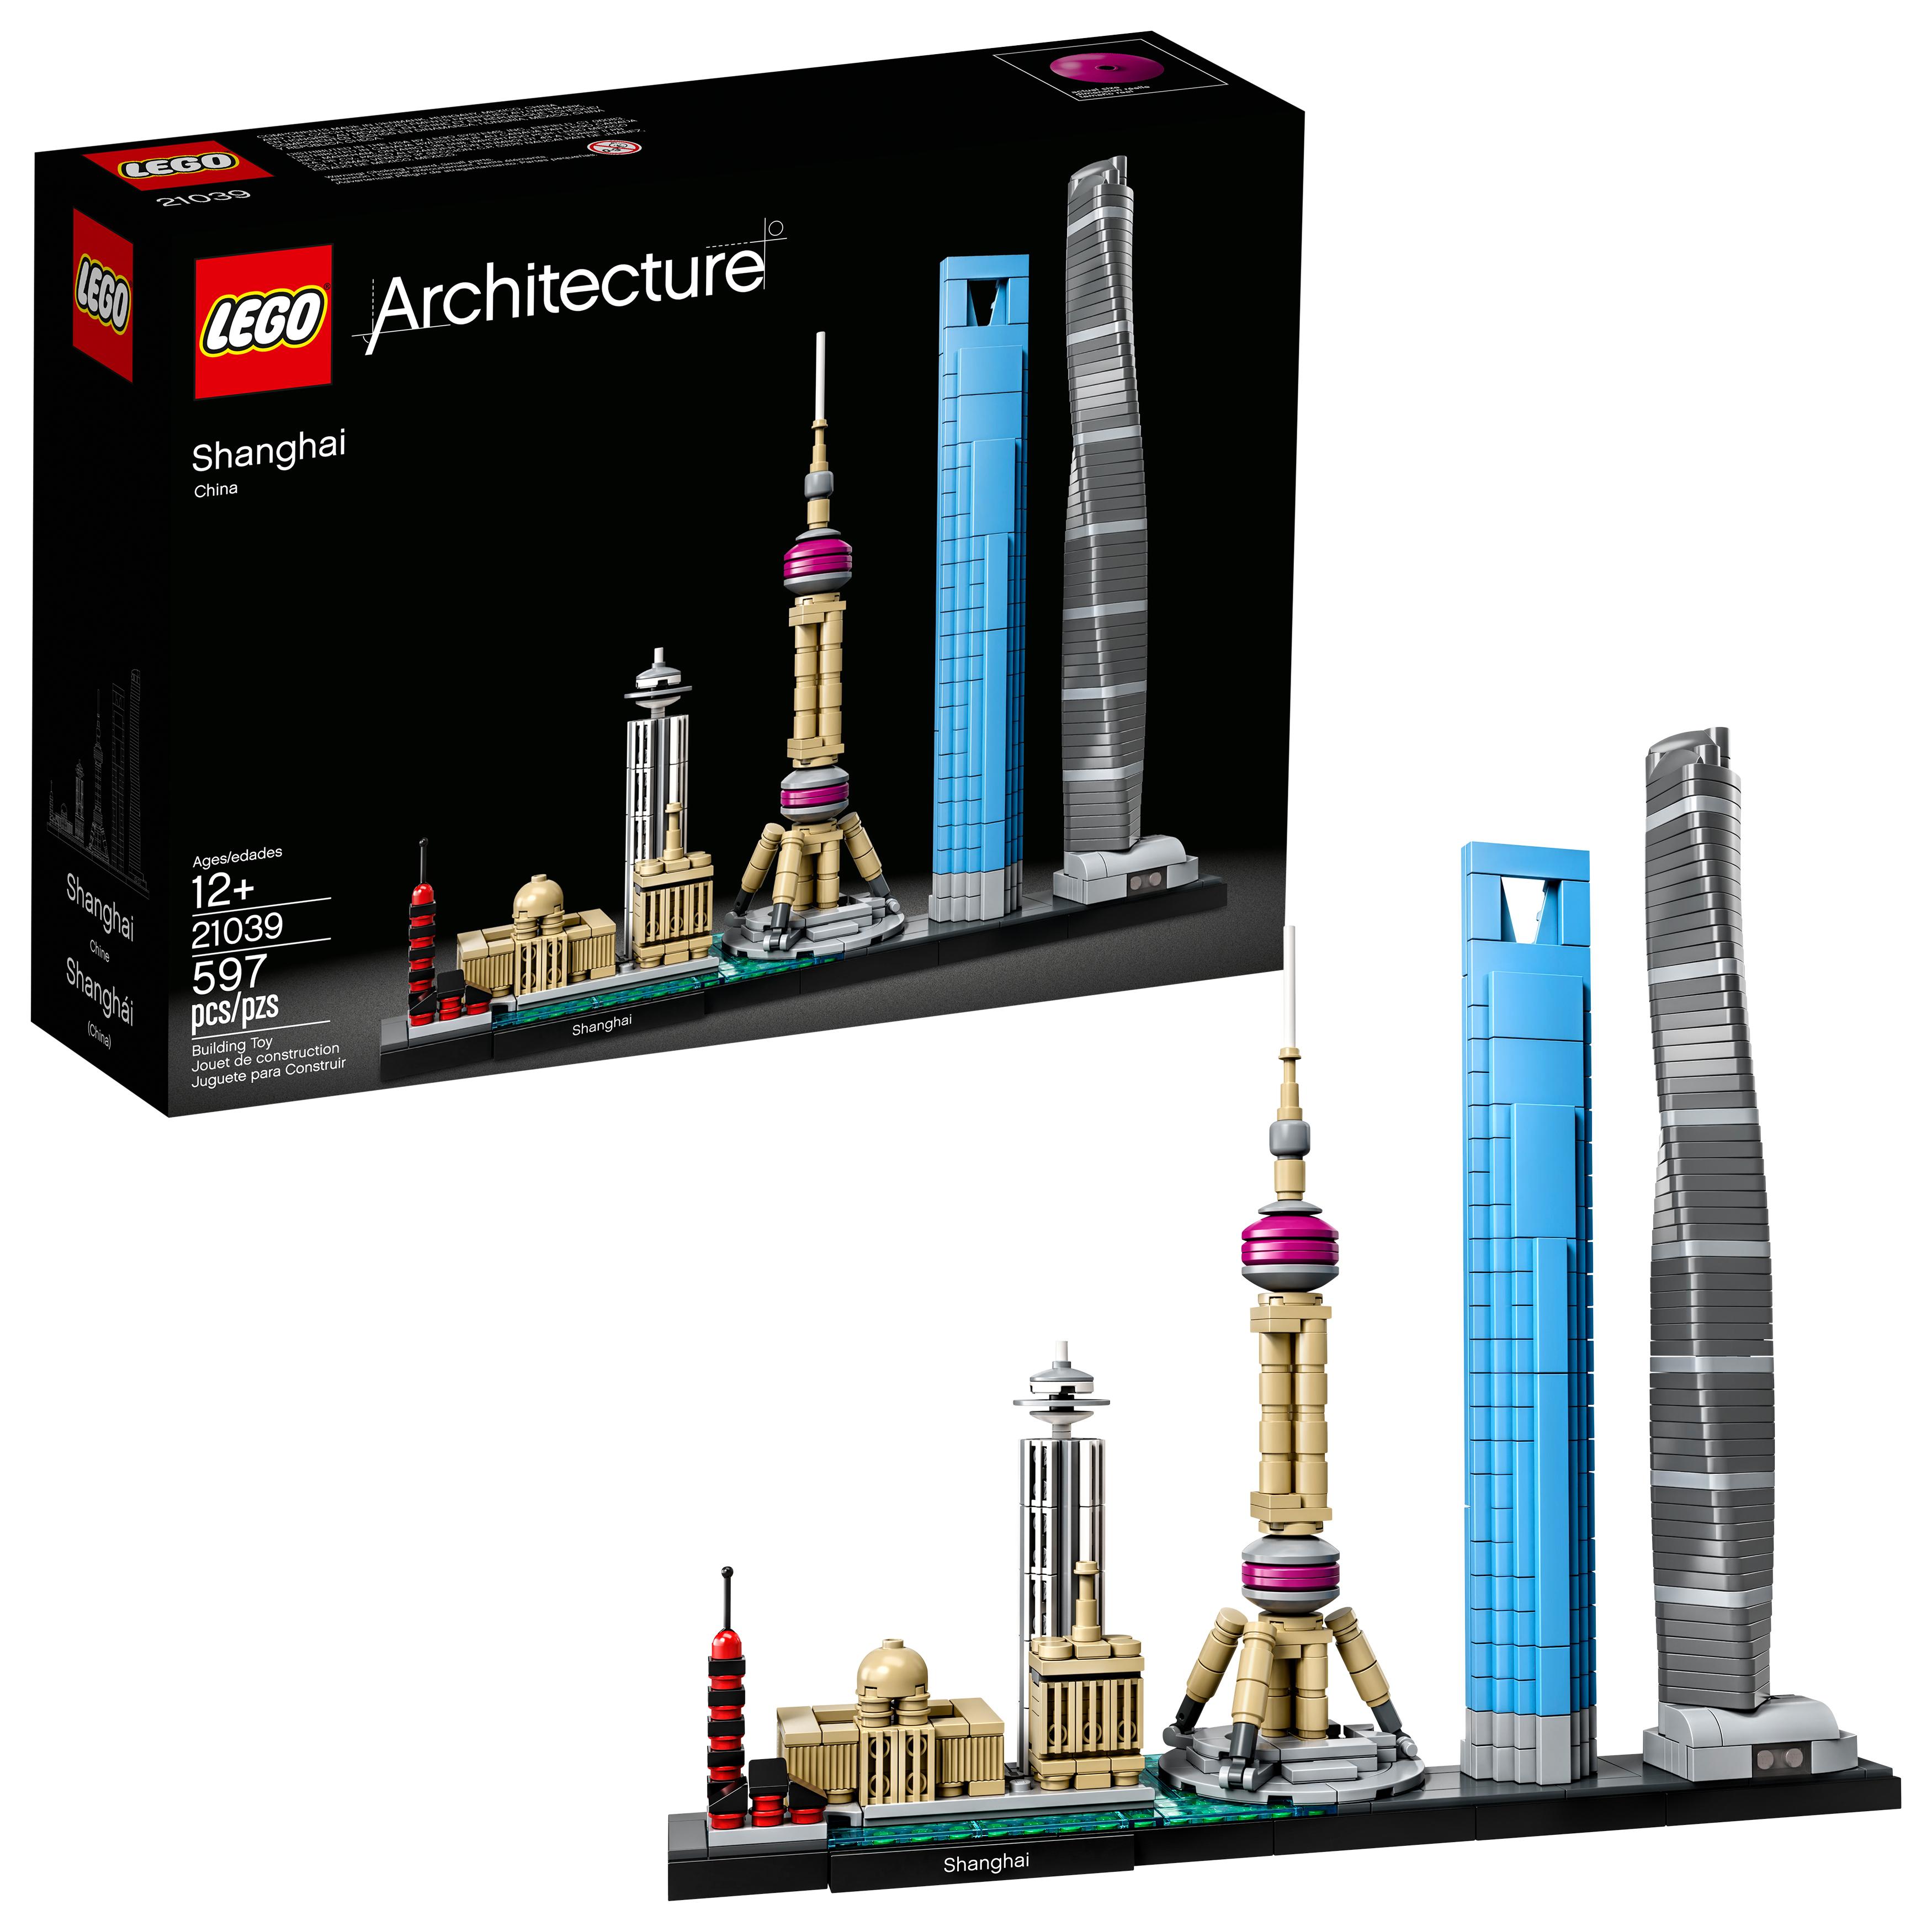 LEGO Architecture Shanghai 21039 Building Set (597 Pieces)